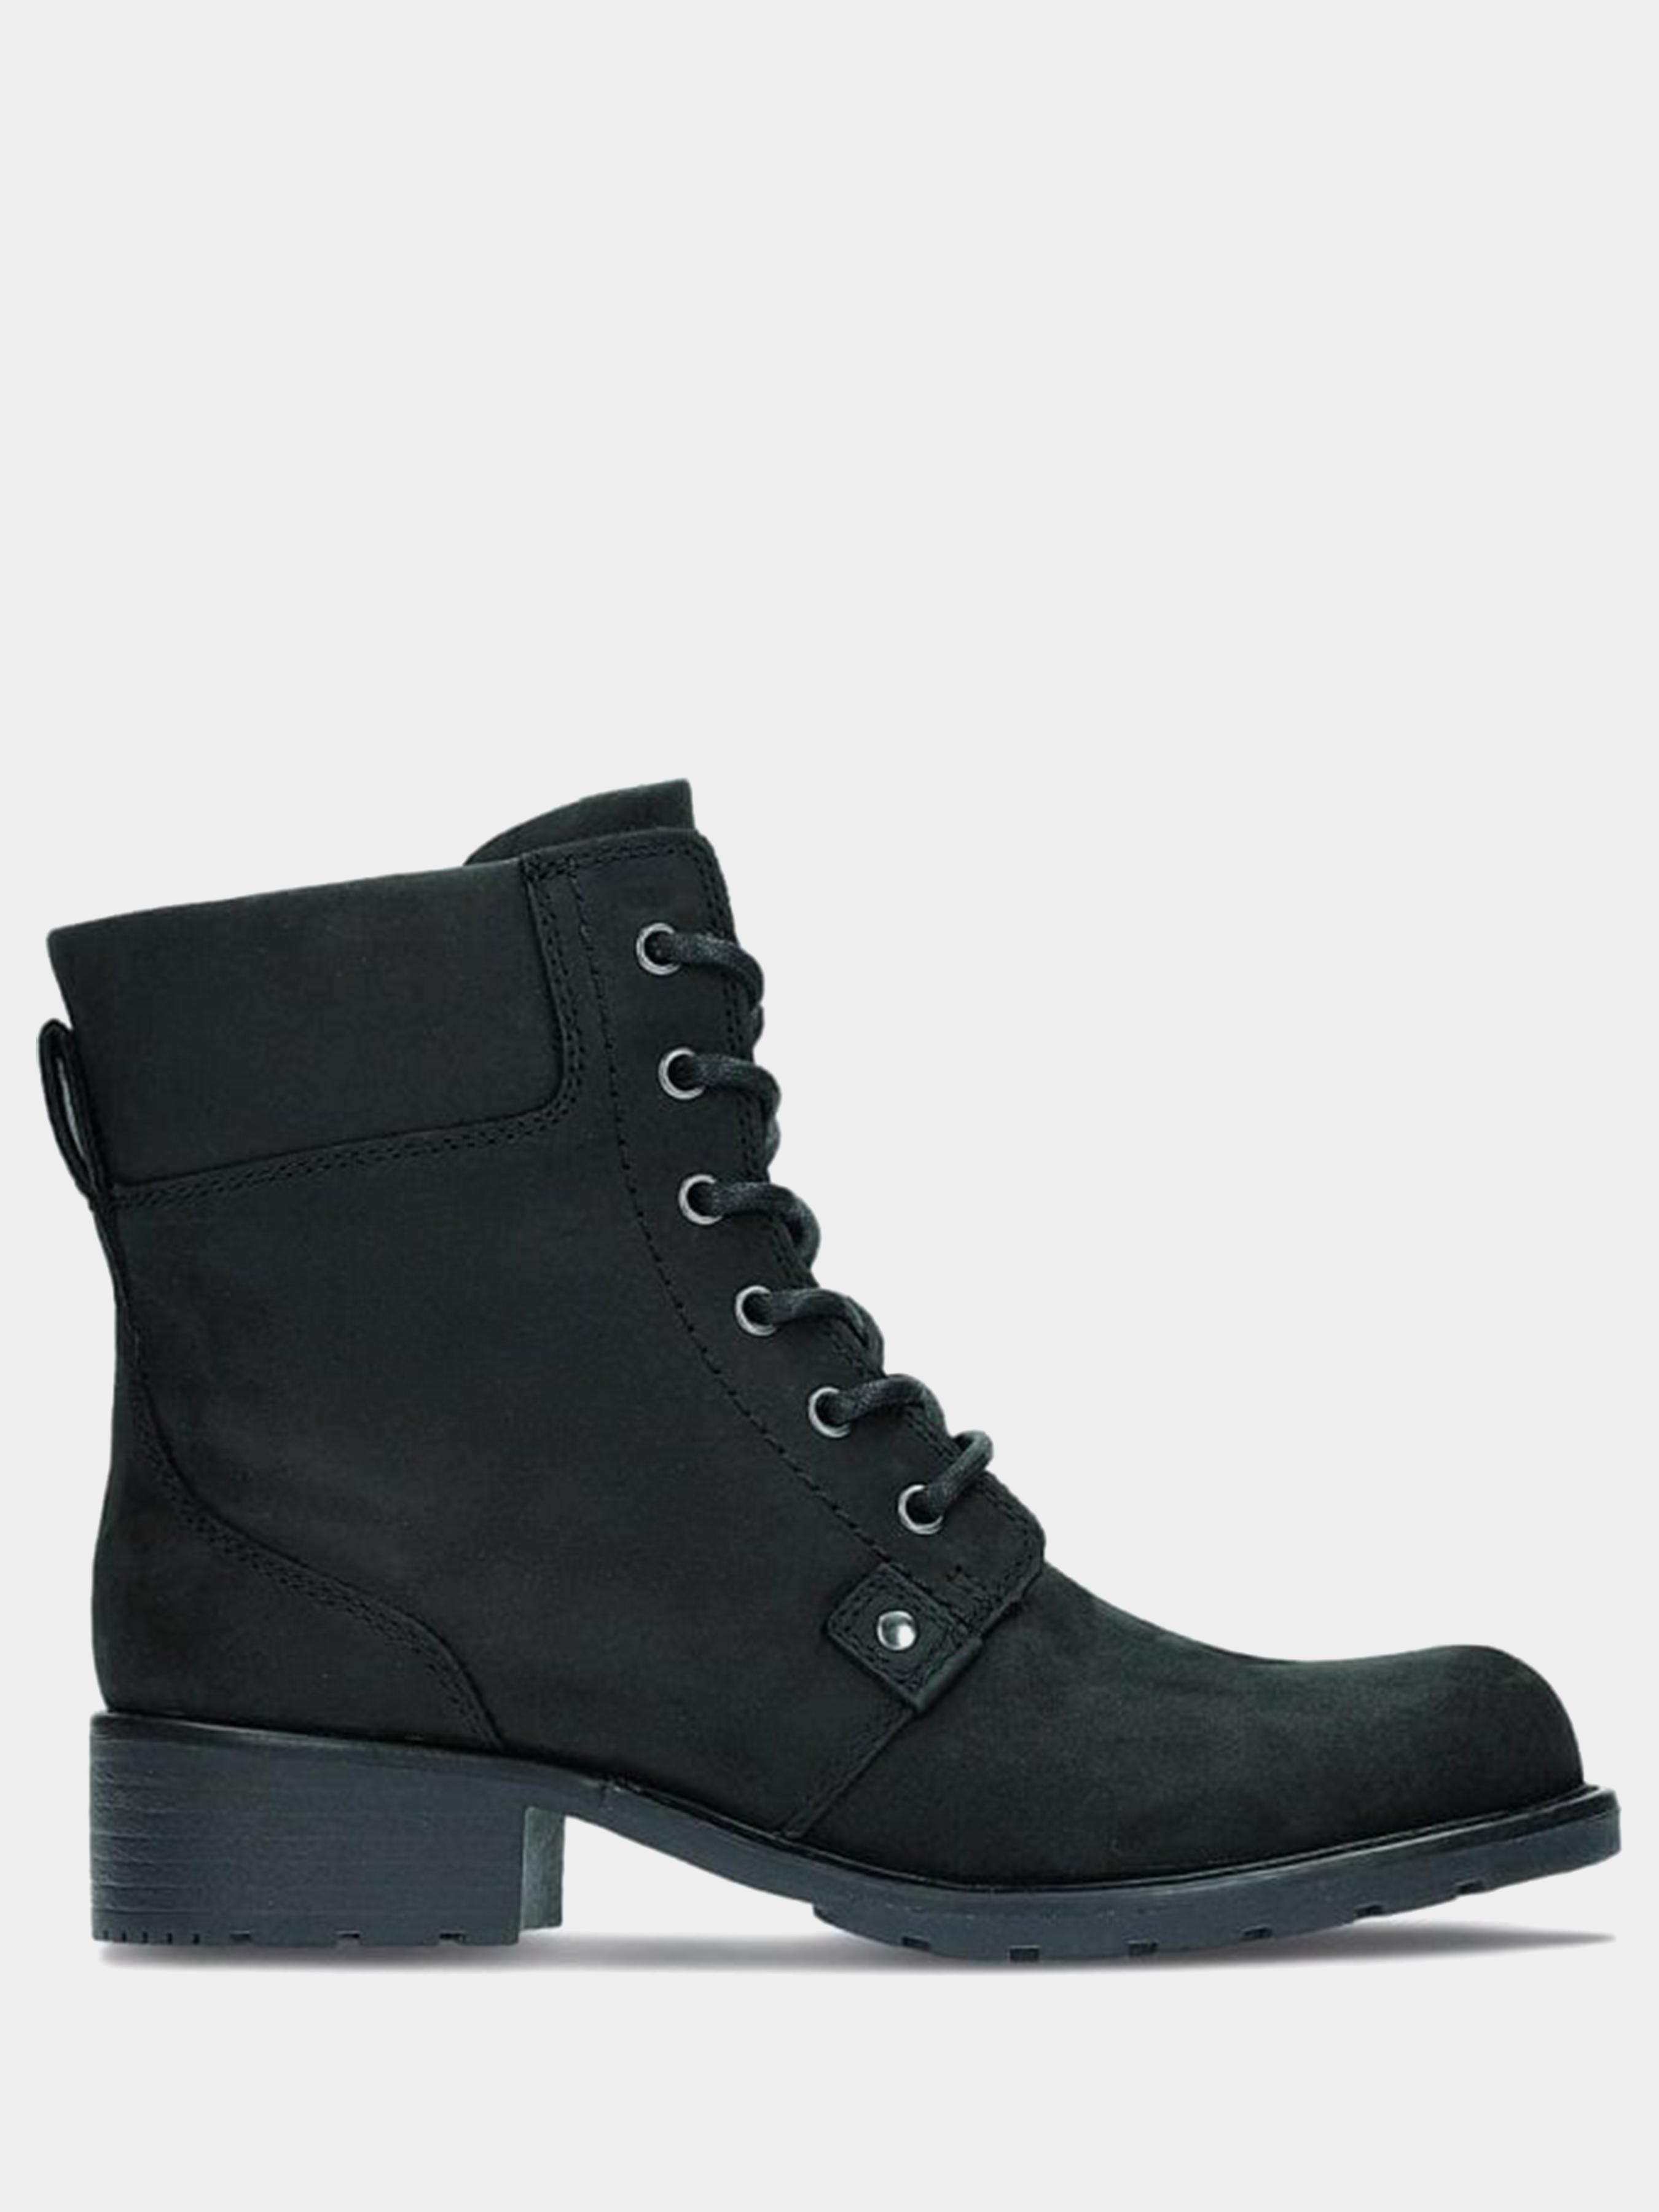 Купить Ботинки женские Clarks Orinoco Spice OW4238, Черный